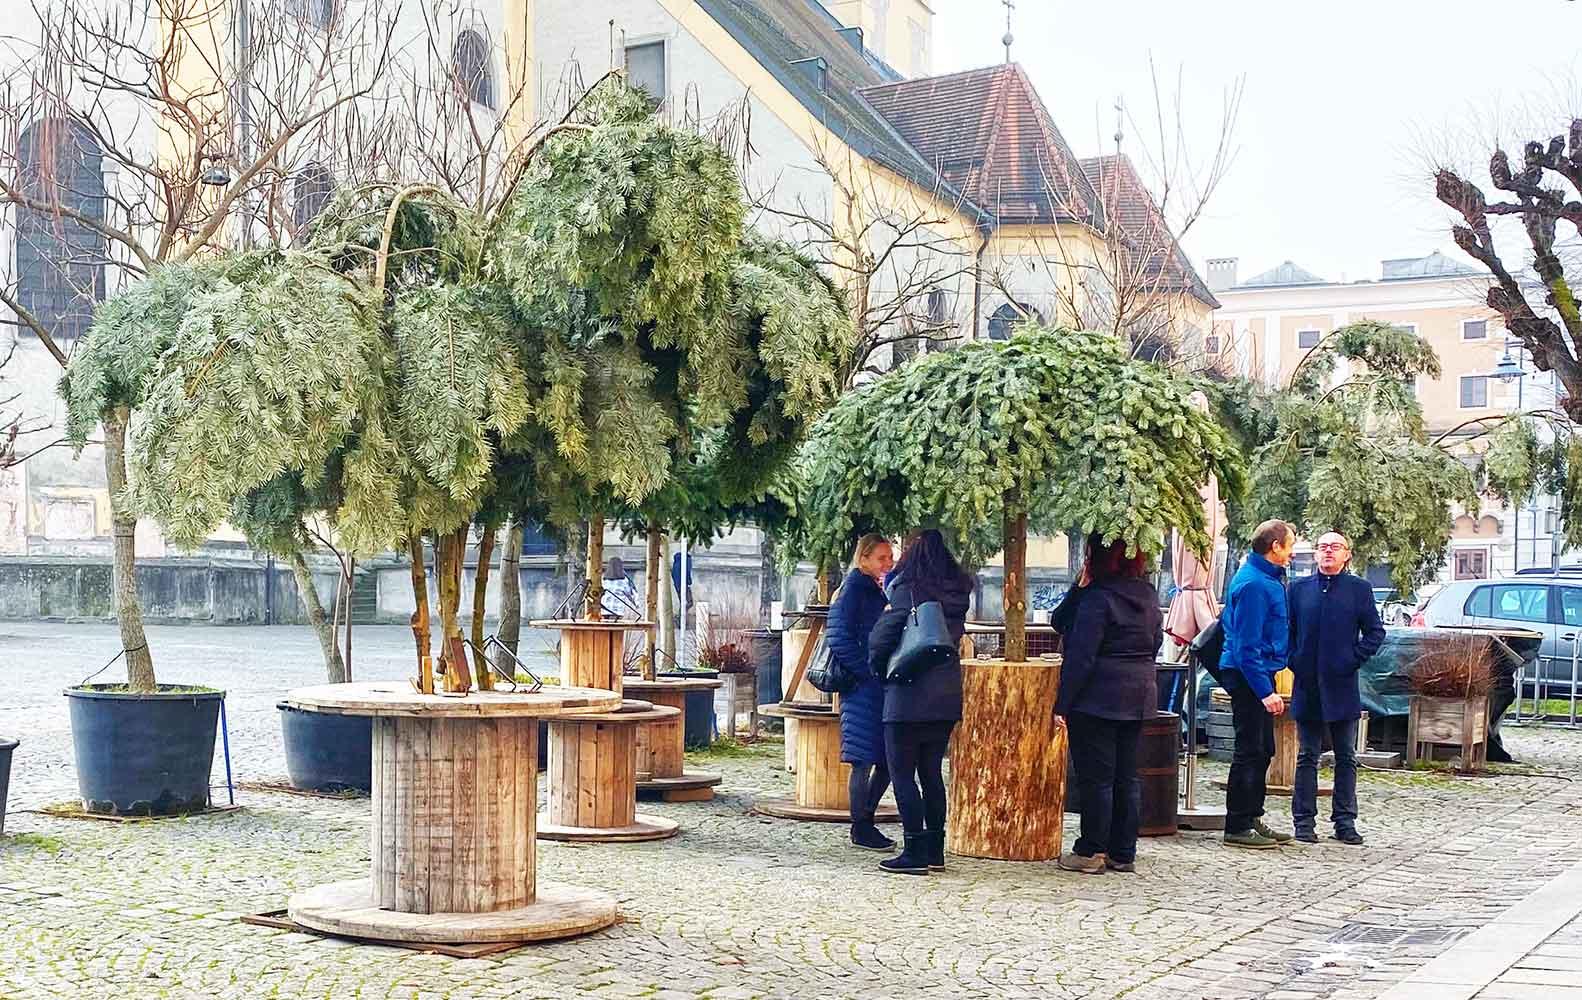 Café Meiers Raucherwäldchen in Linz am Pfarrplatz